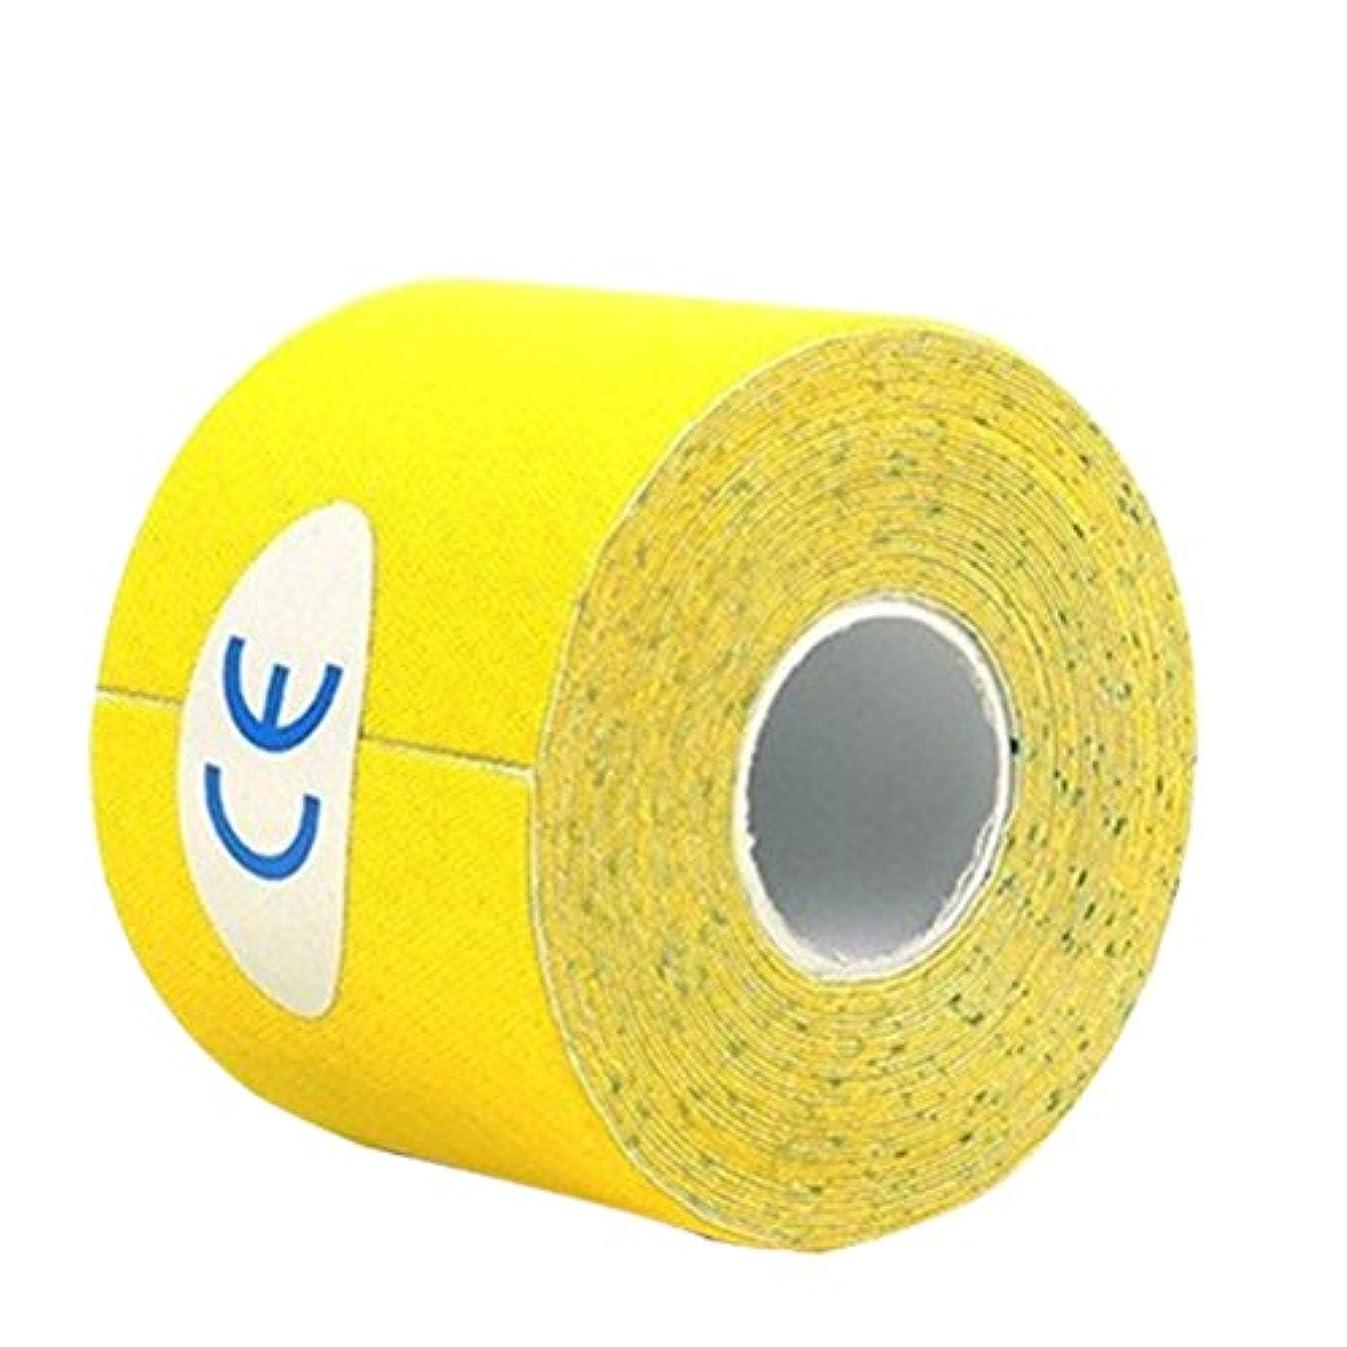 赤道コンベンションセクタROSENICE キネシオロジーテープセットセラピースポーツフィジオセラピー500x2.5cm(イエロー)